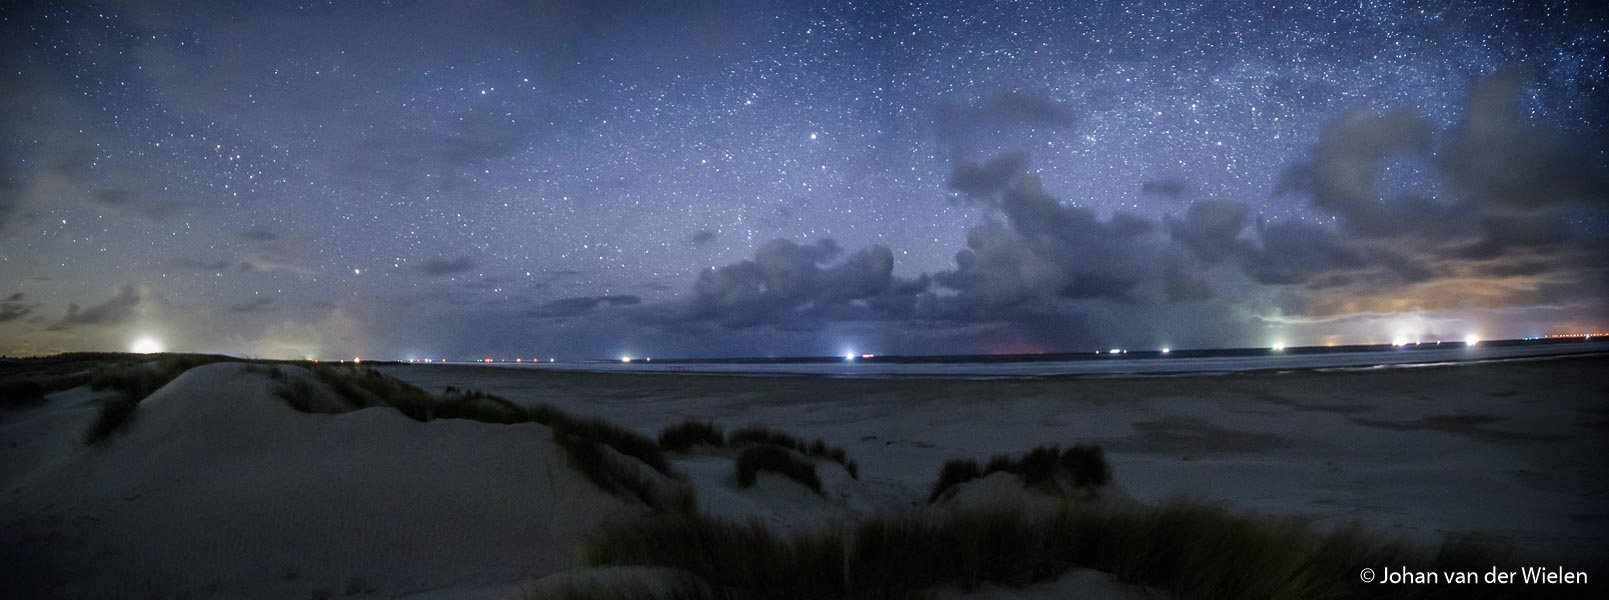 Panorama in de nacht, uitzicht vanaf strand Schiermonnikoog op de snelweg op zee. Best lastig voor de stitch software wegens de enorme vertekening bij groothoek. Toch gelukt. 6 losse beelden van ieder 30sec.